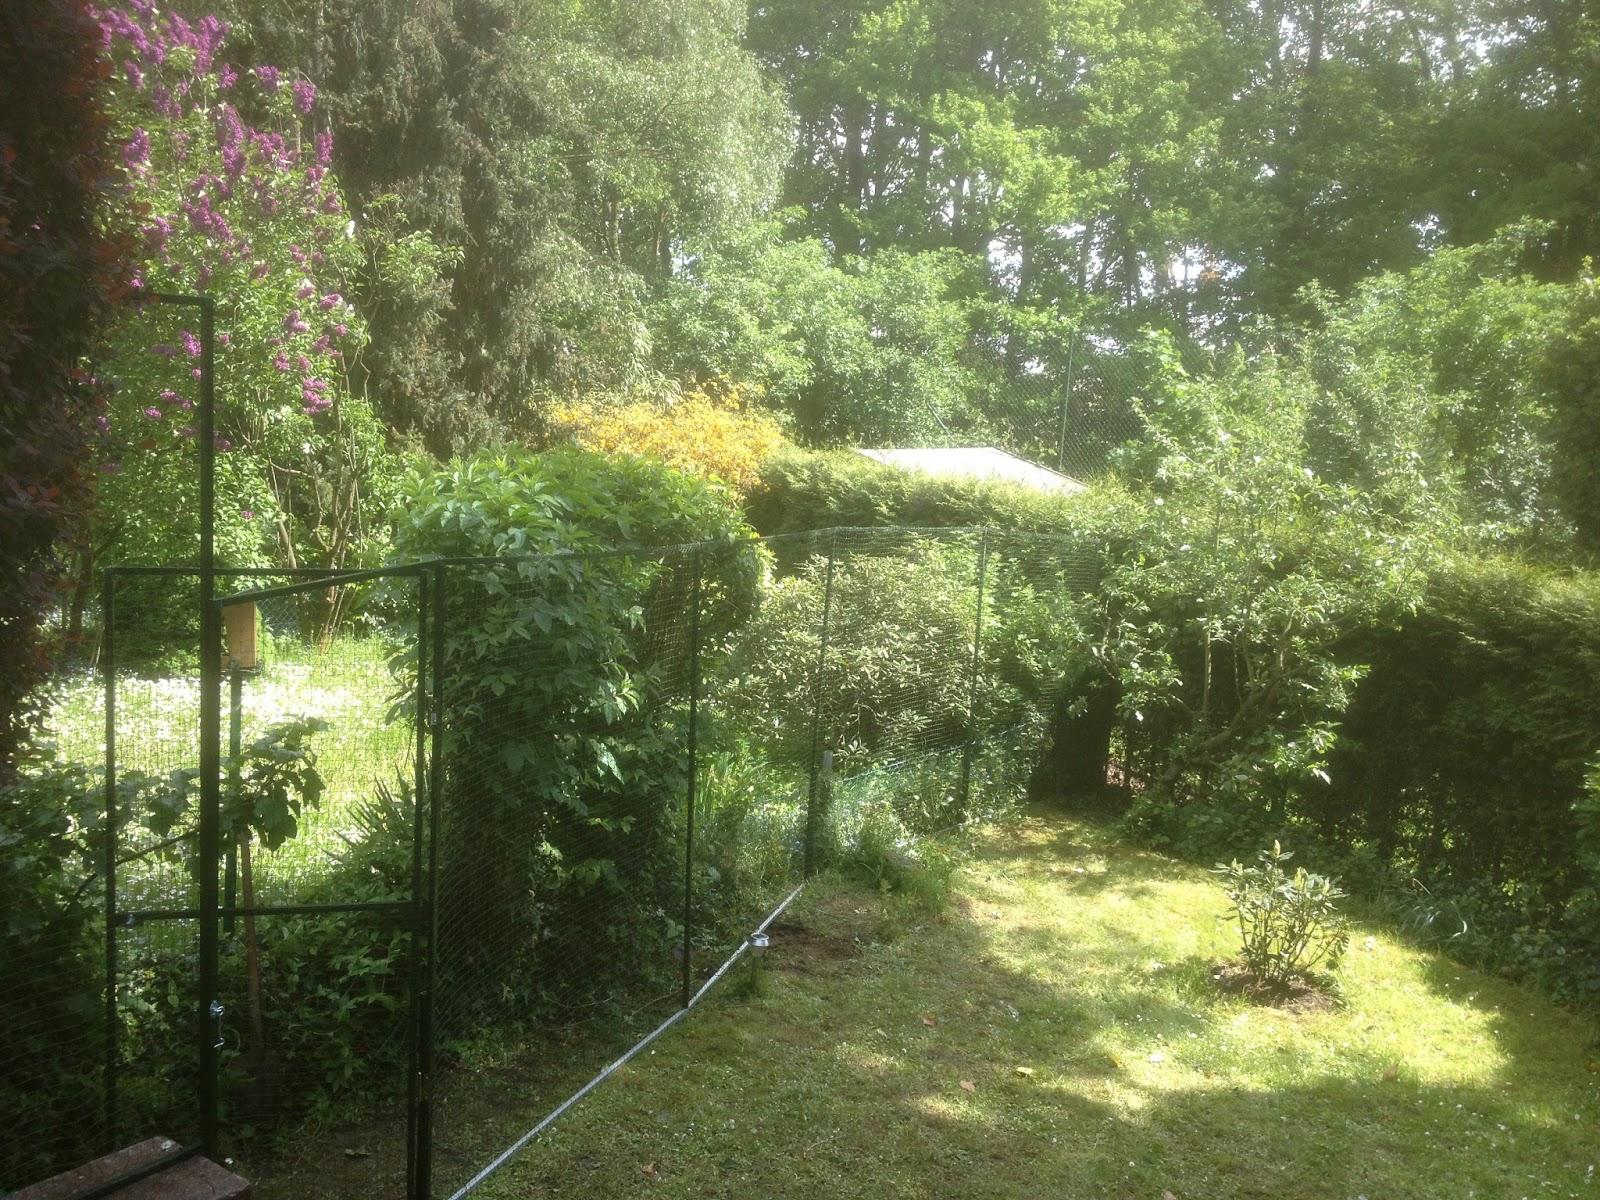 Katzennetz Garten Düsseldorf